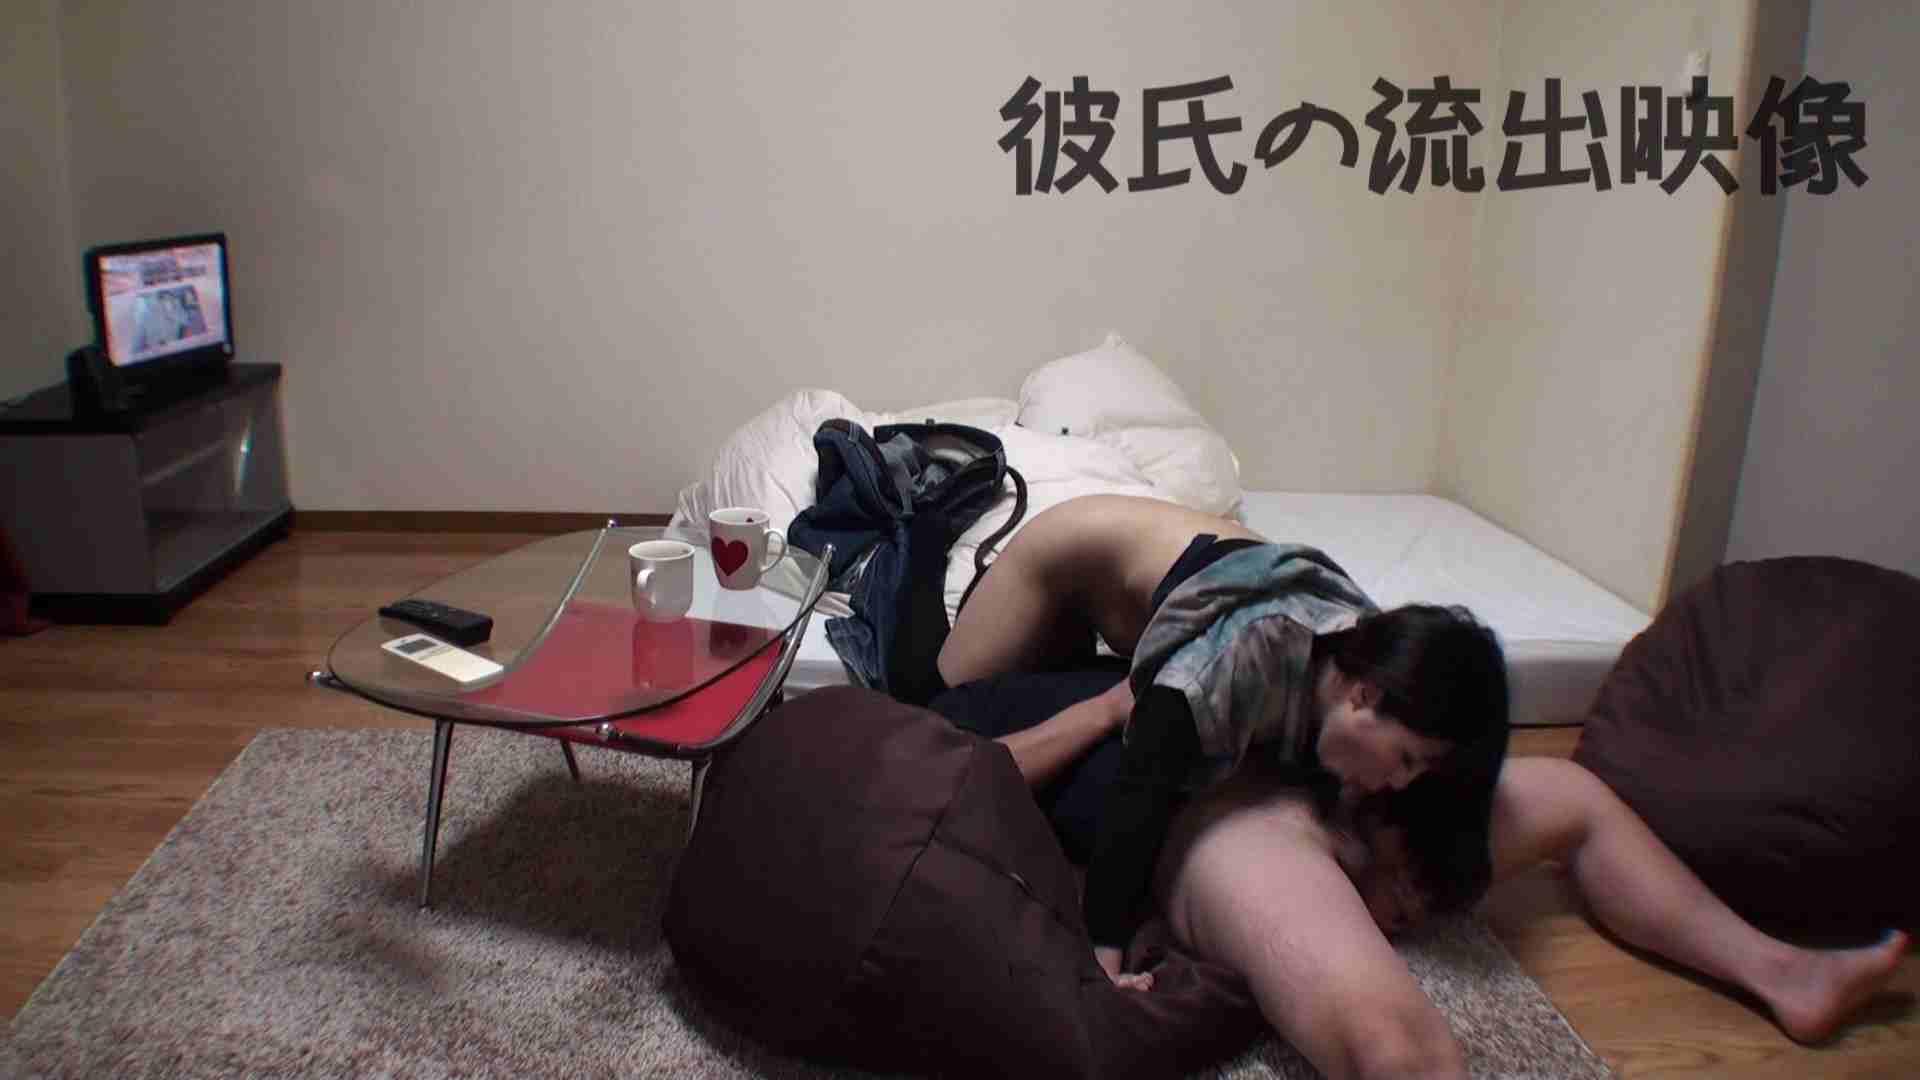 彼氏が流出 パイパン素人嬢のハメ撮り映像02 フェラ セックス無修正動画無料 73PIX 45